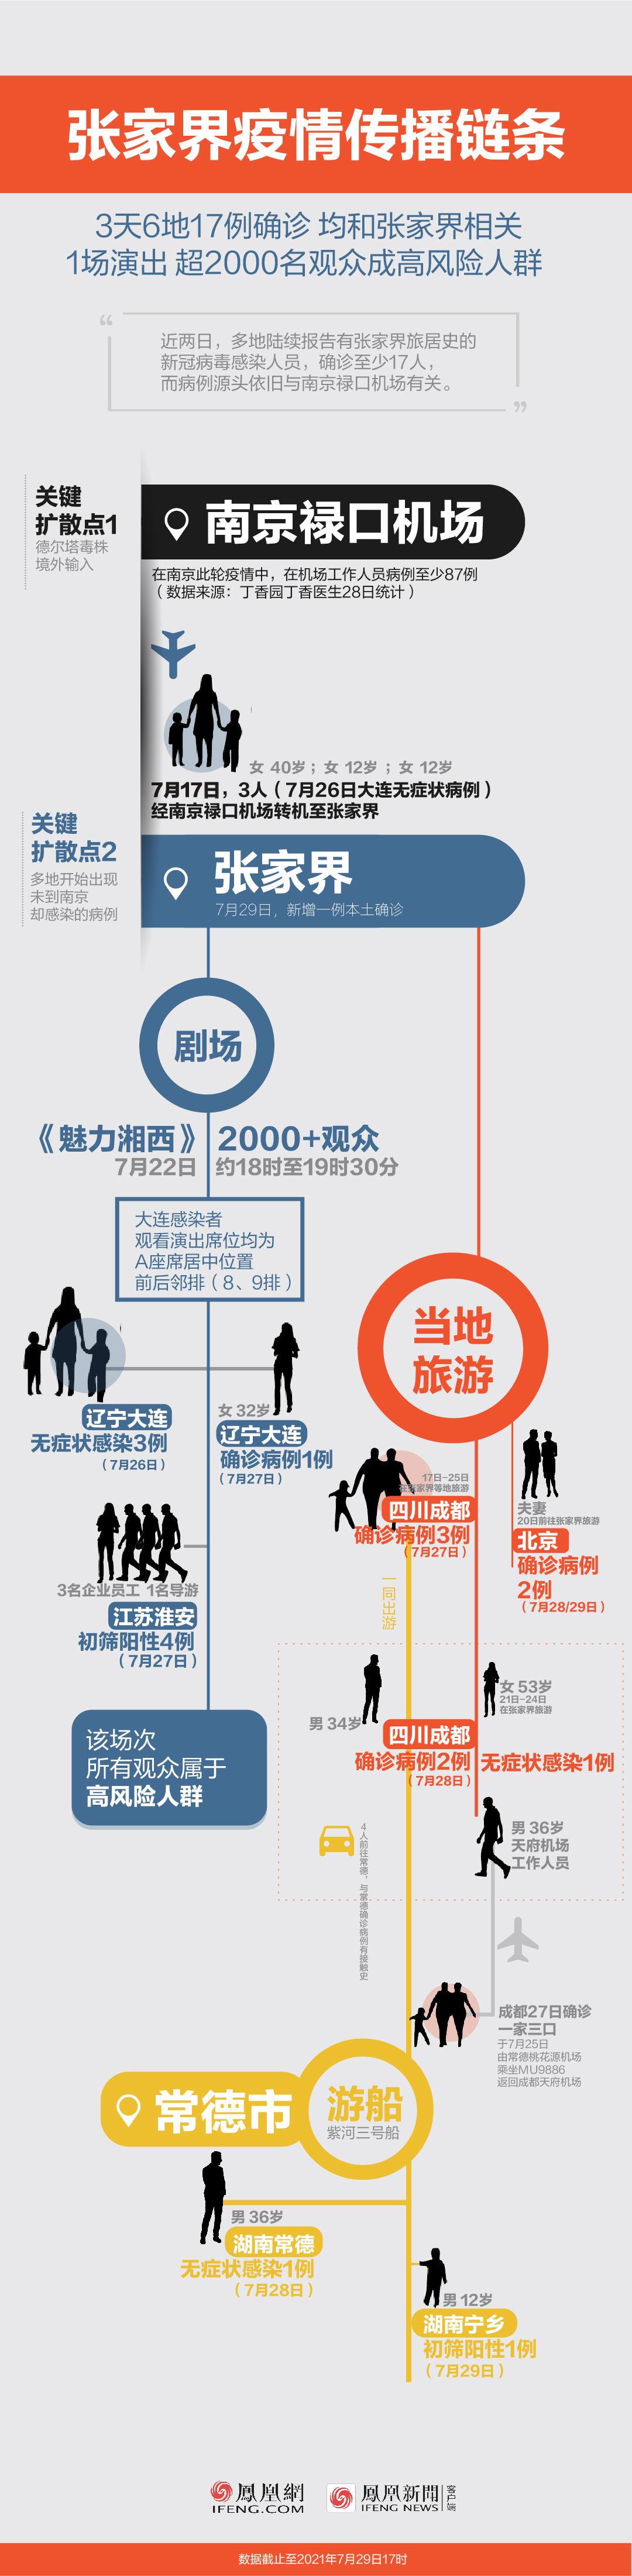 3天6地17例确诊 一图读懂张家界疫情传播链